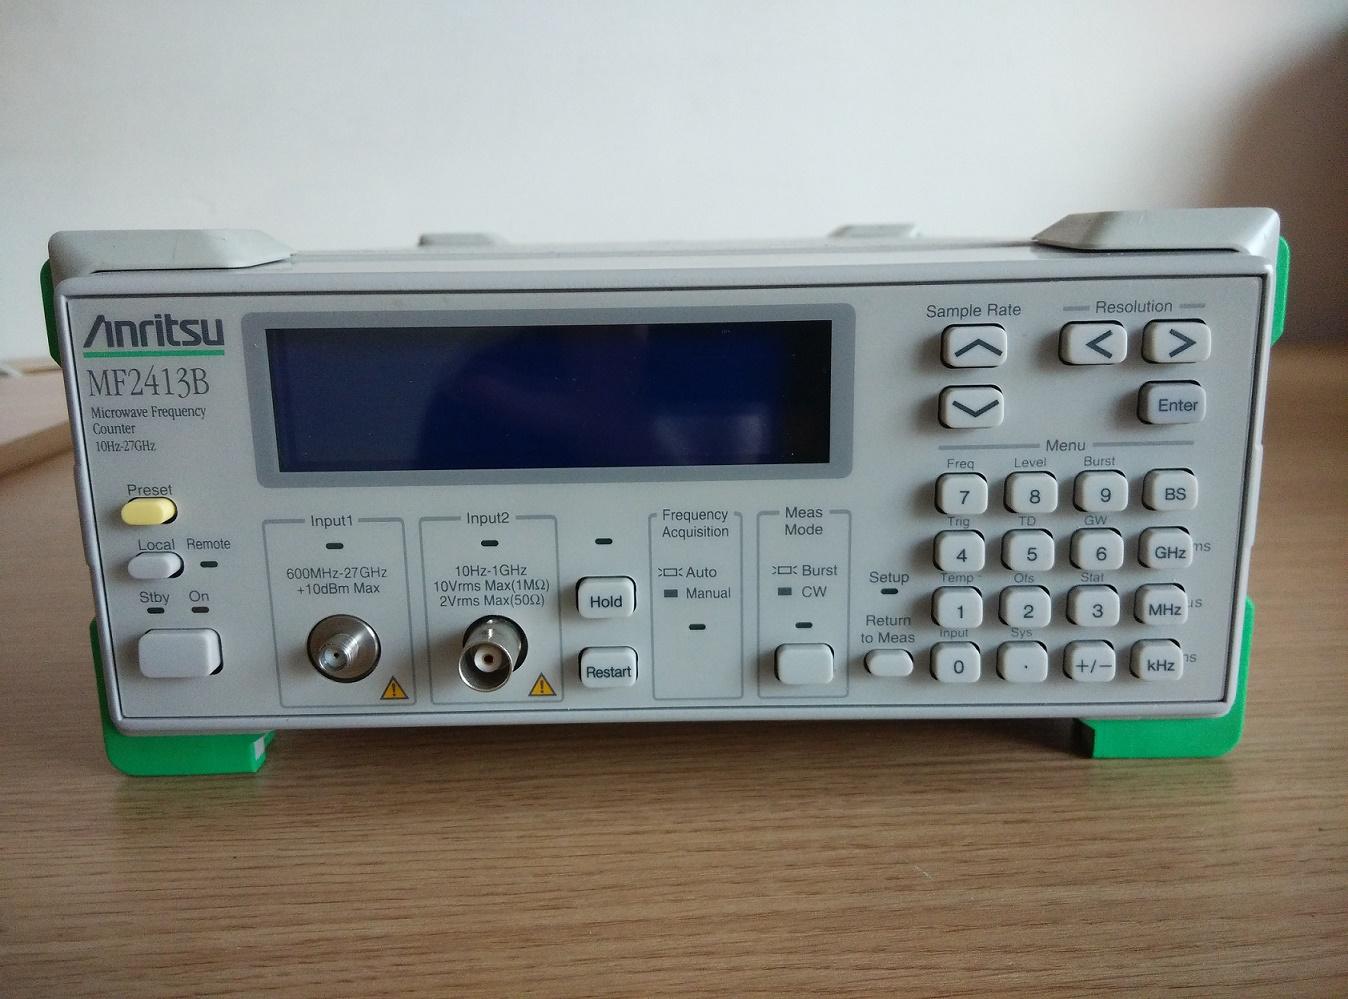 租售/回收 安 MF2413B/Anritsu MF2413B 27G 微波频率计